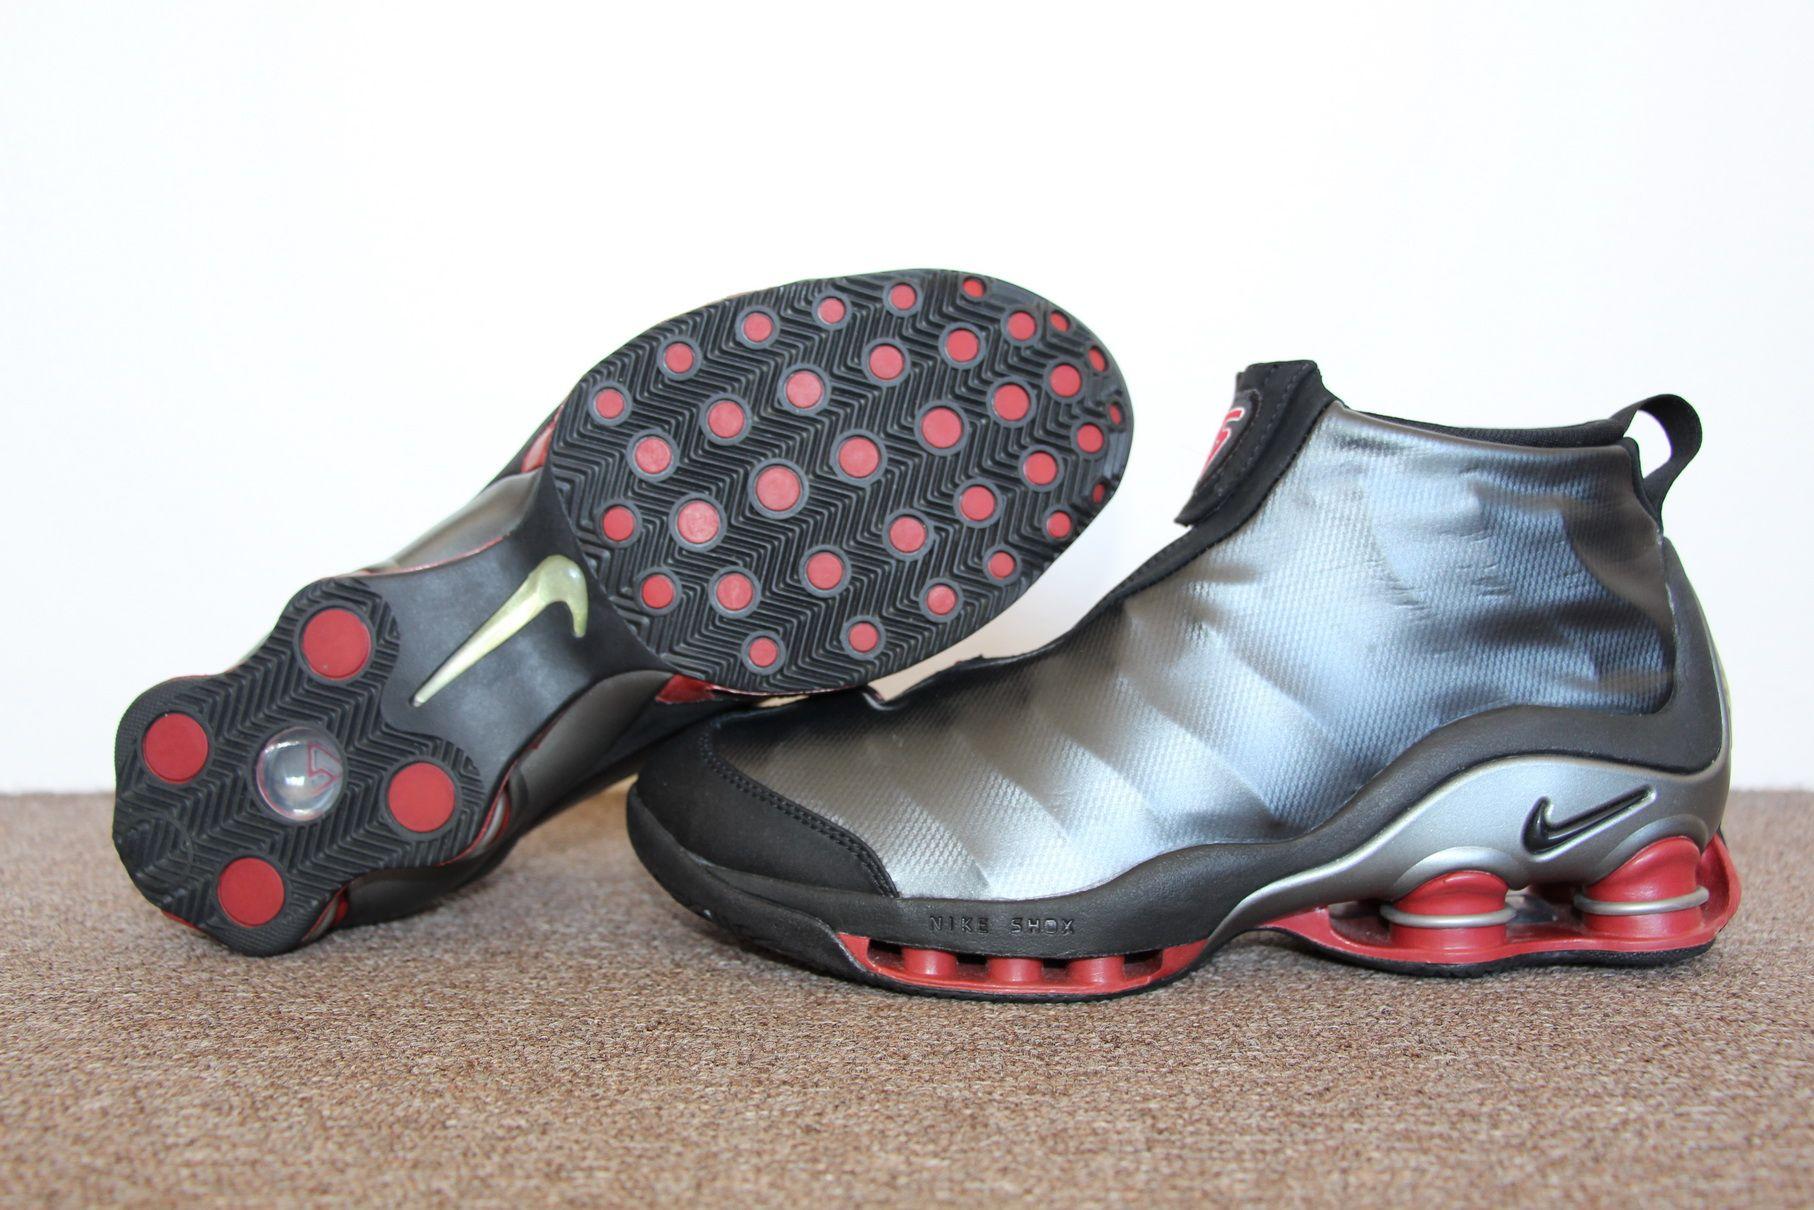 nike g shock shoes